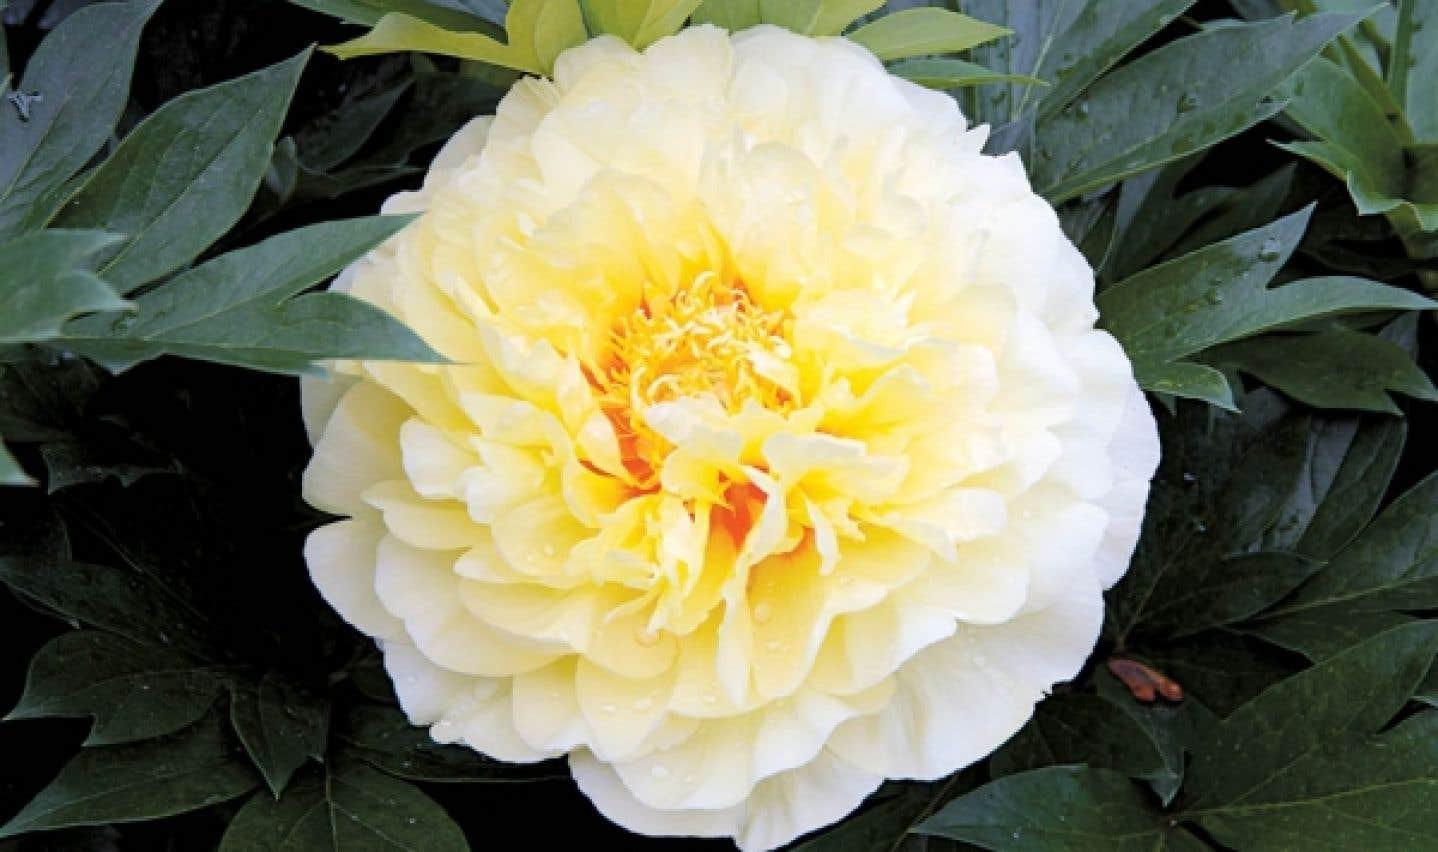 Une pivoine Itoh, l'excellent cultivar Bartzella à fleur double jaune brillant.